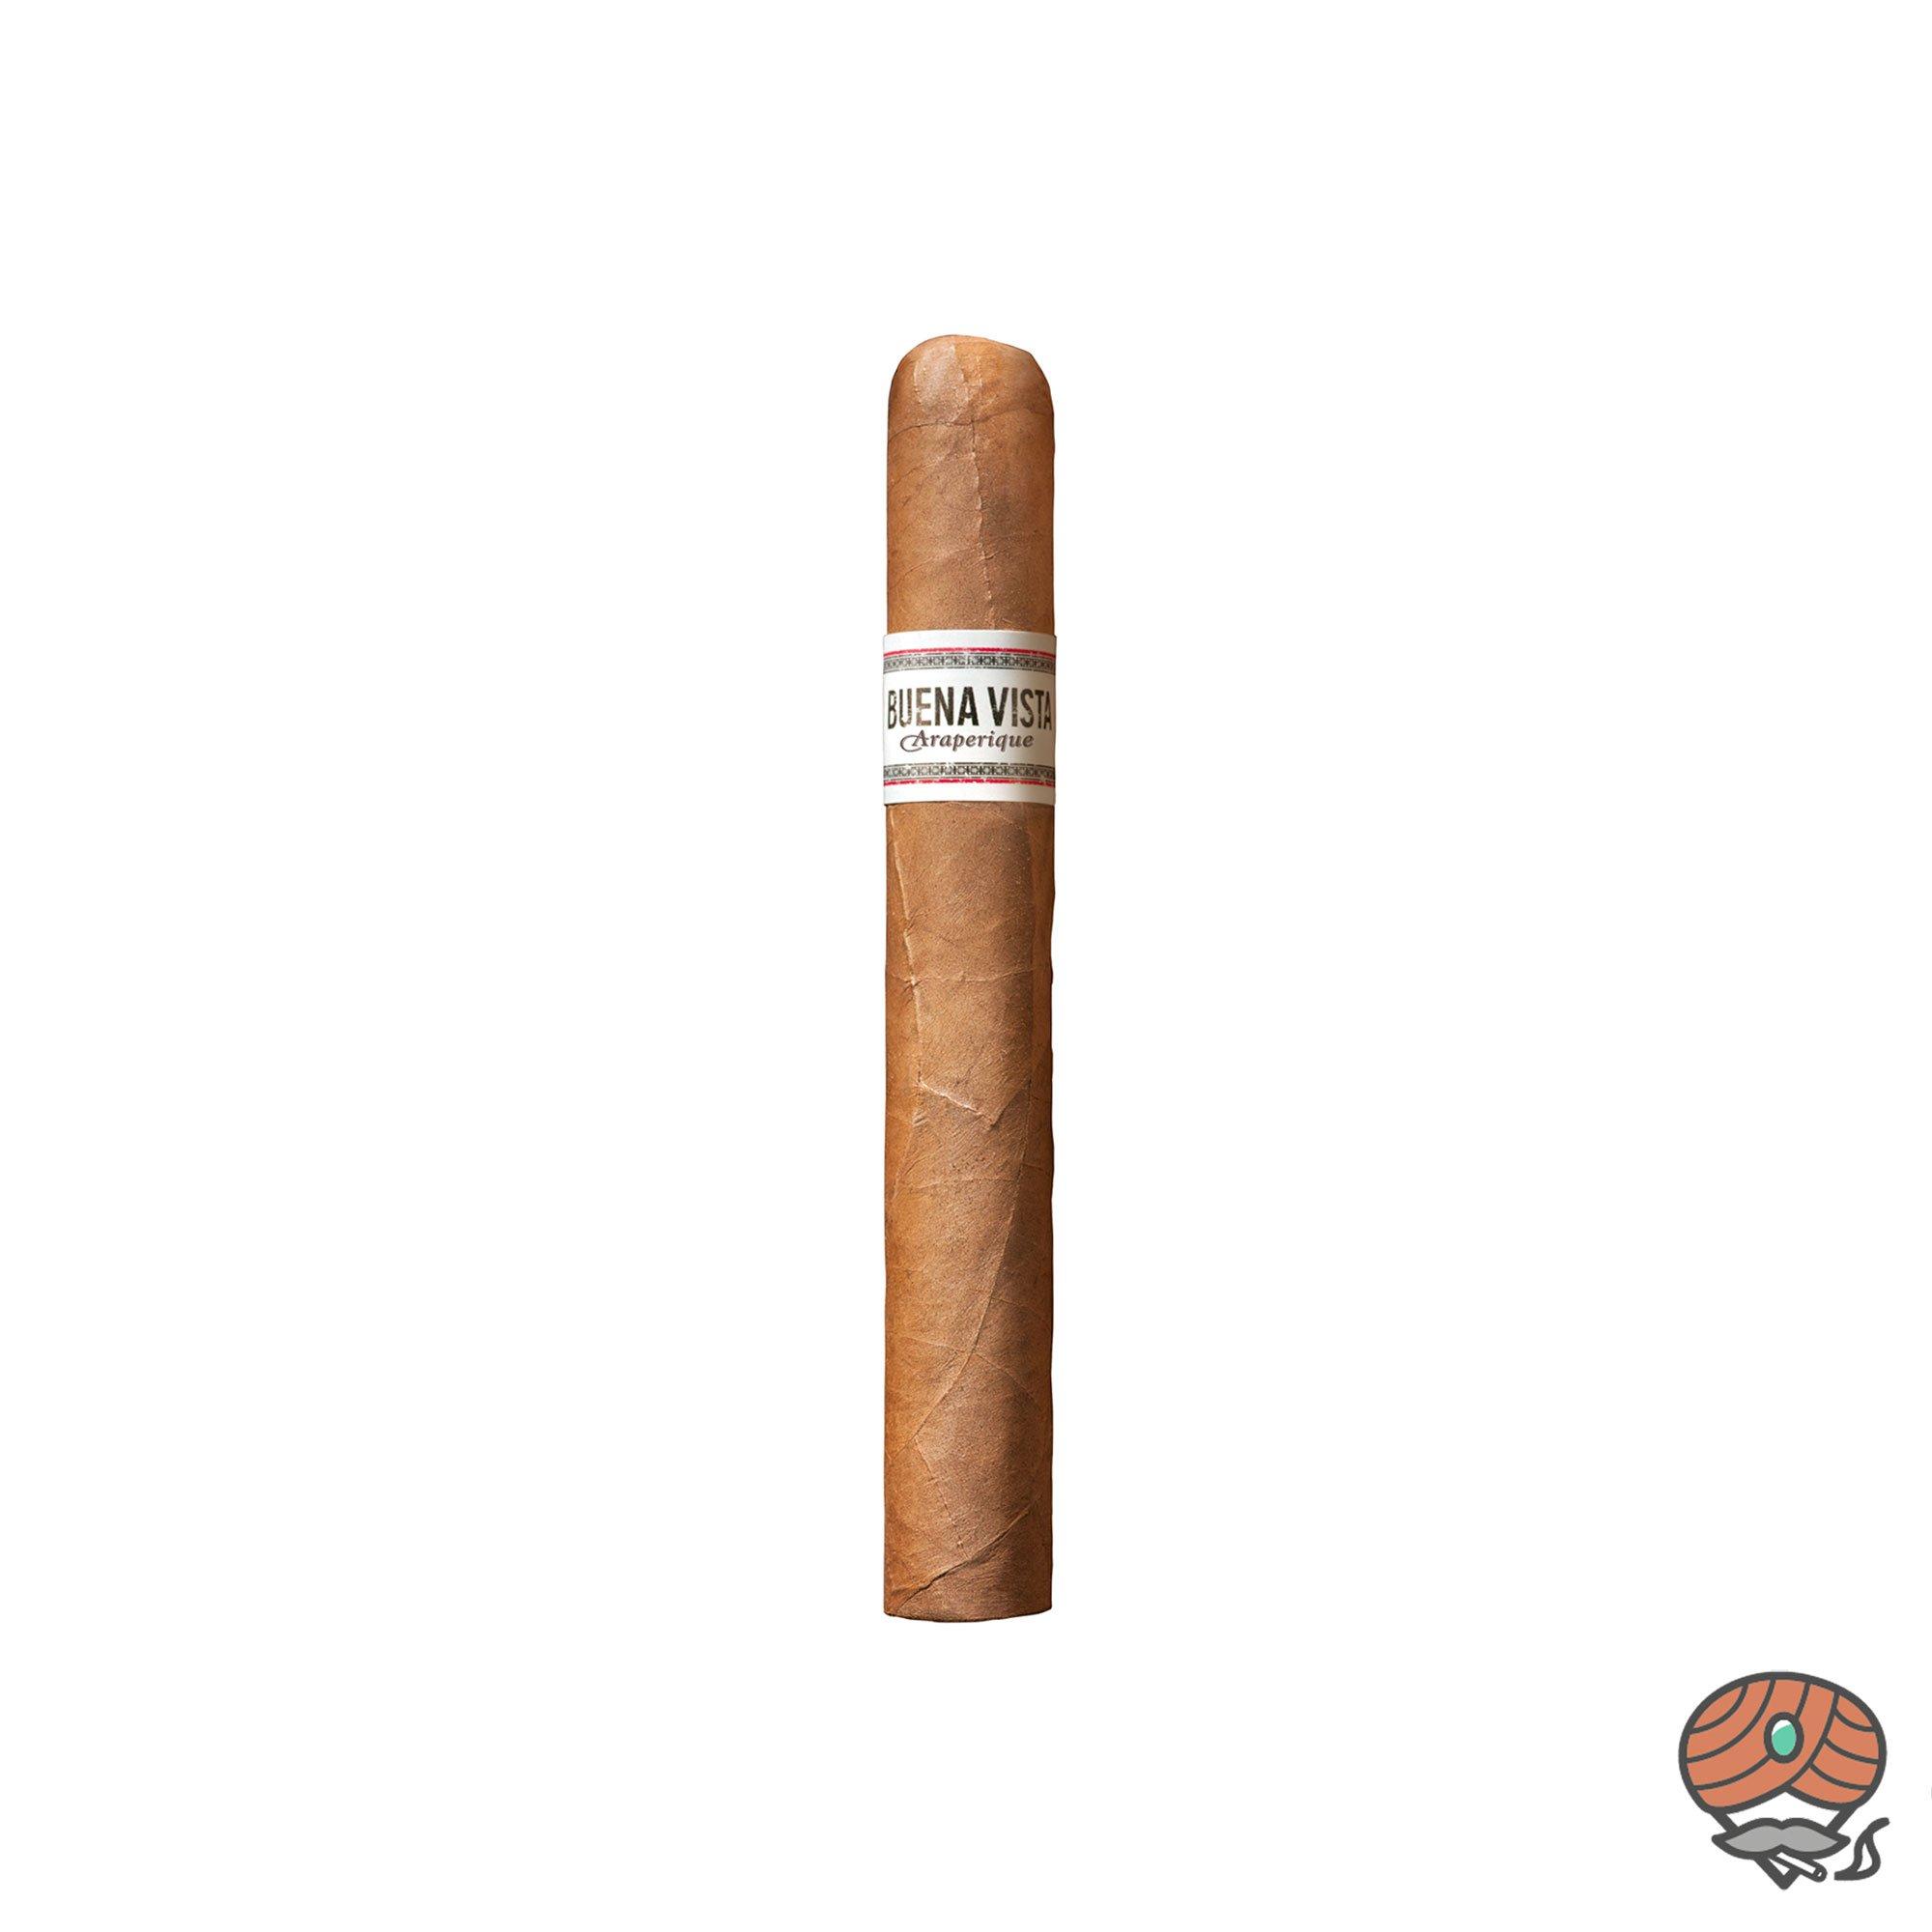 Buena Vista Araperique Robusto Zigarre Dominikanische Republik